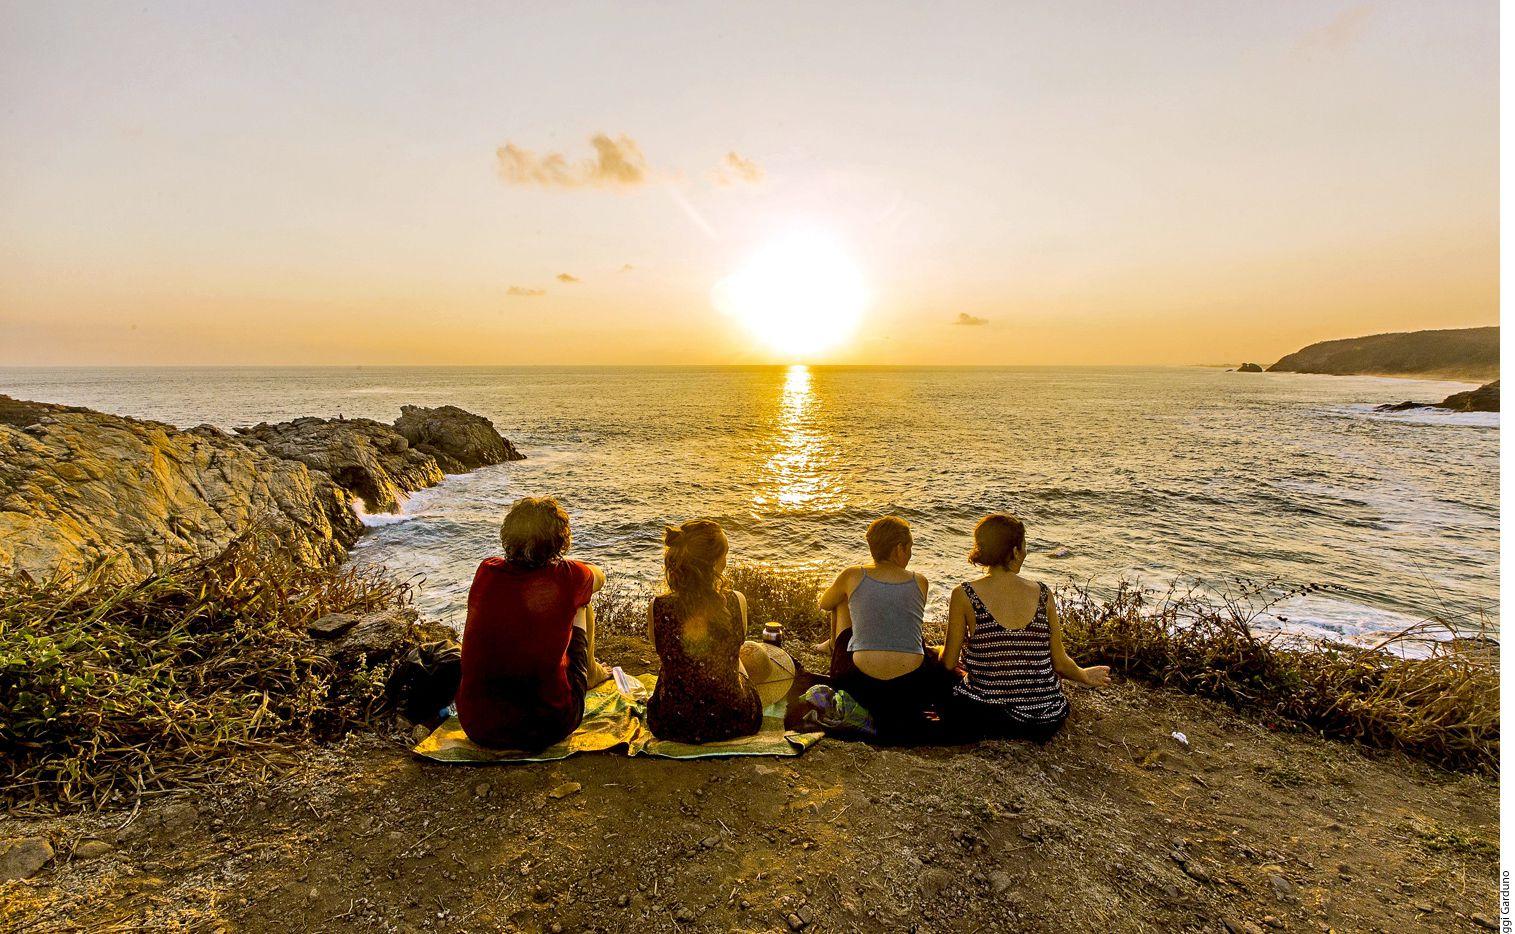 Varios son quienes se reúnen en Punta Cometa, ubicado en Oaxaca, para meditar, tomar fotos o despedir al sol. AGENCIA REFORMA